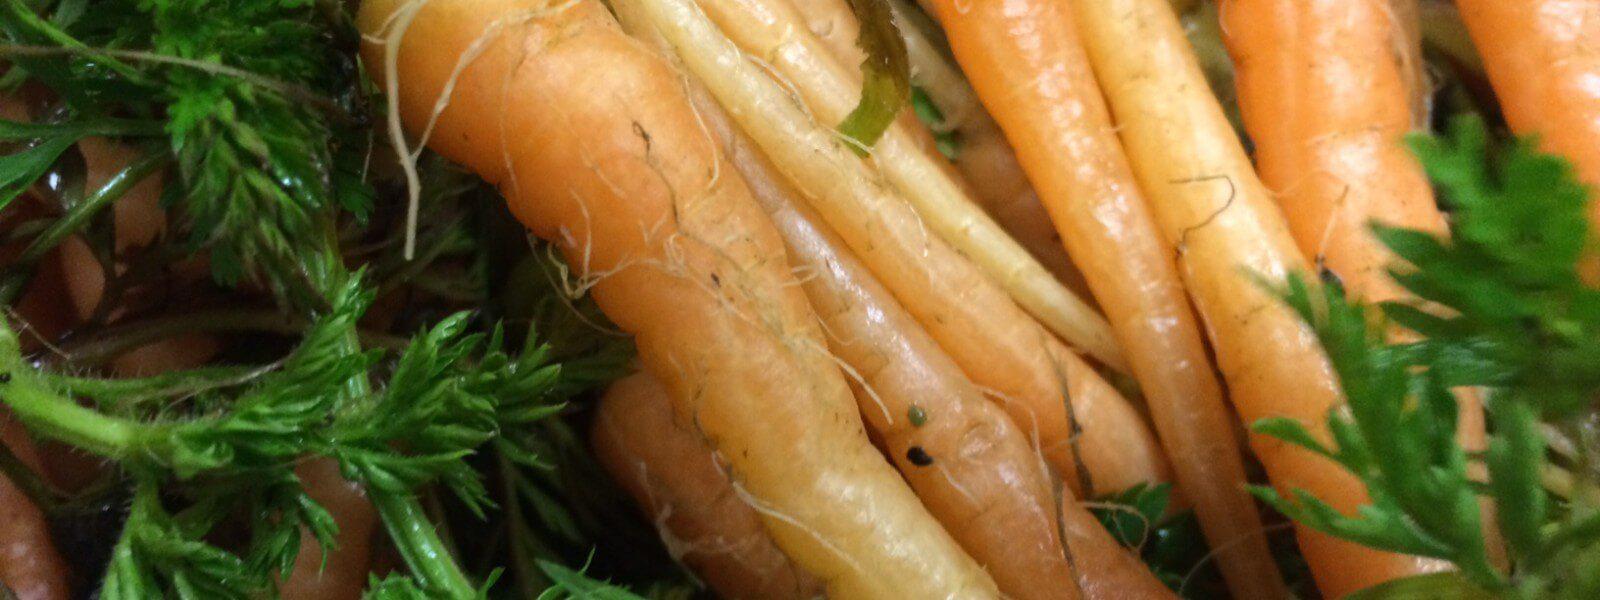 Orange carrots.